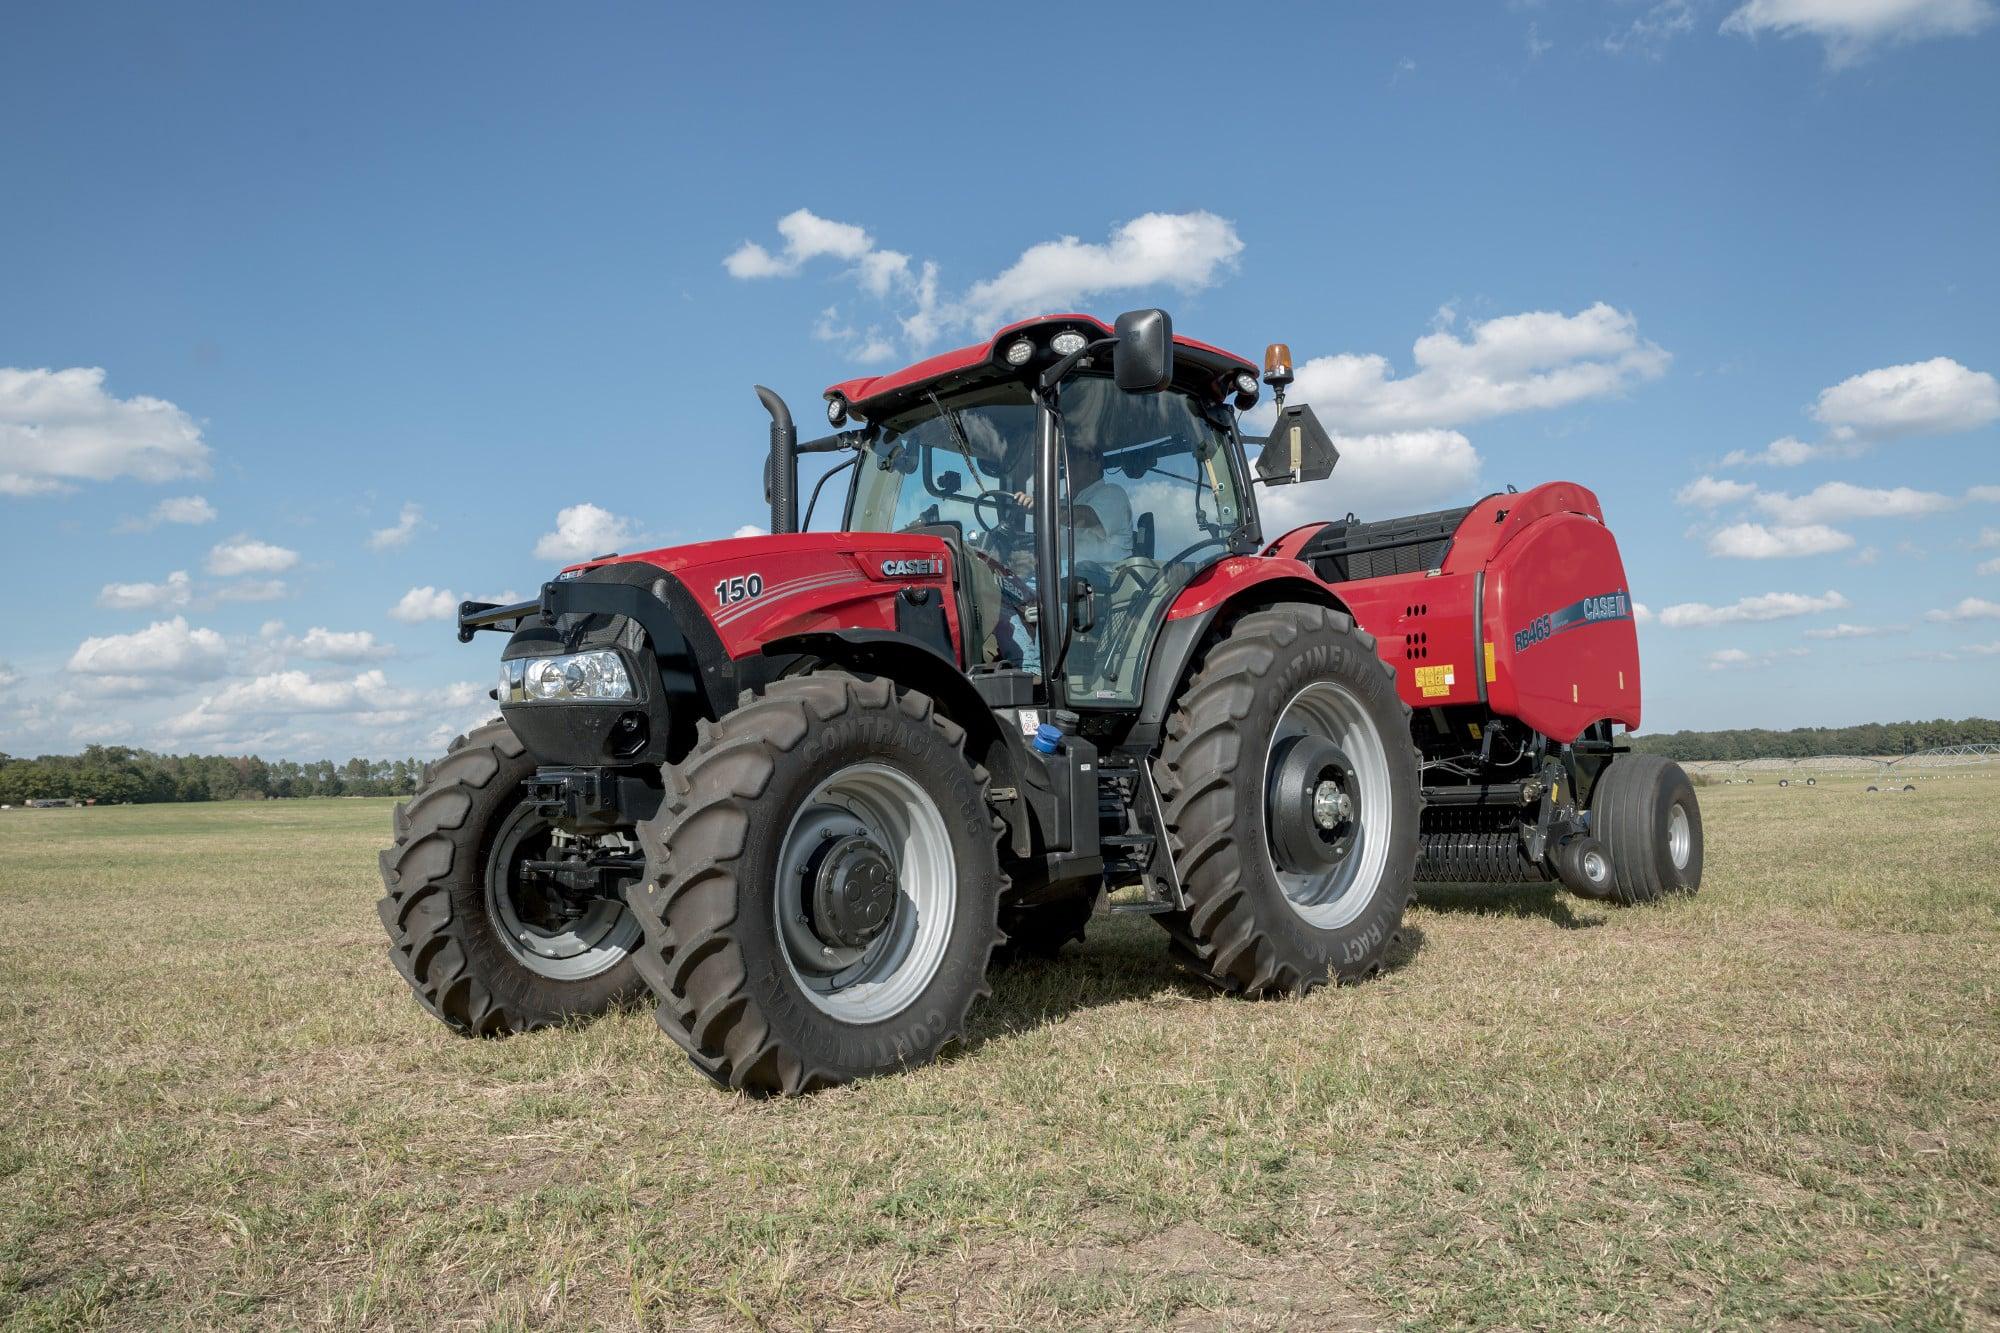 maxxum 150 4 wheel drive multipurpose tractors case ih rh caseih com Case IH Tractors Working Case IH Tractors Working